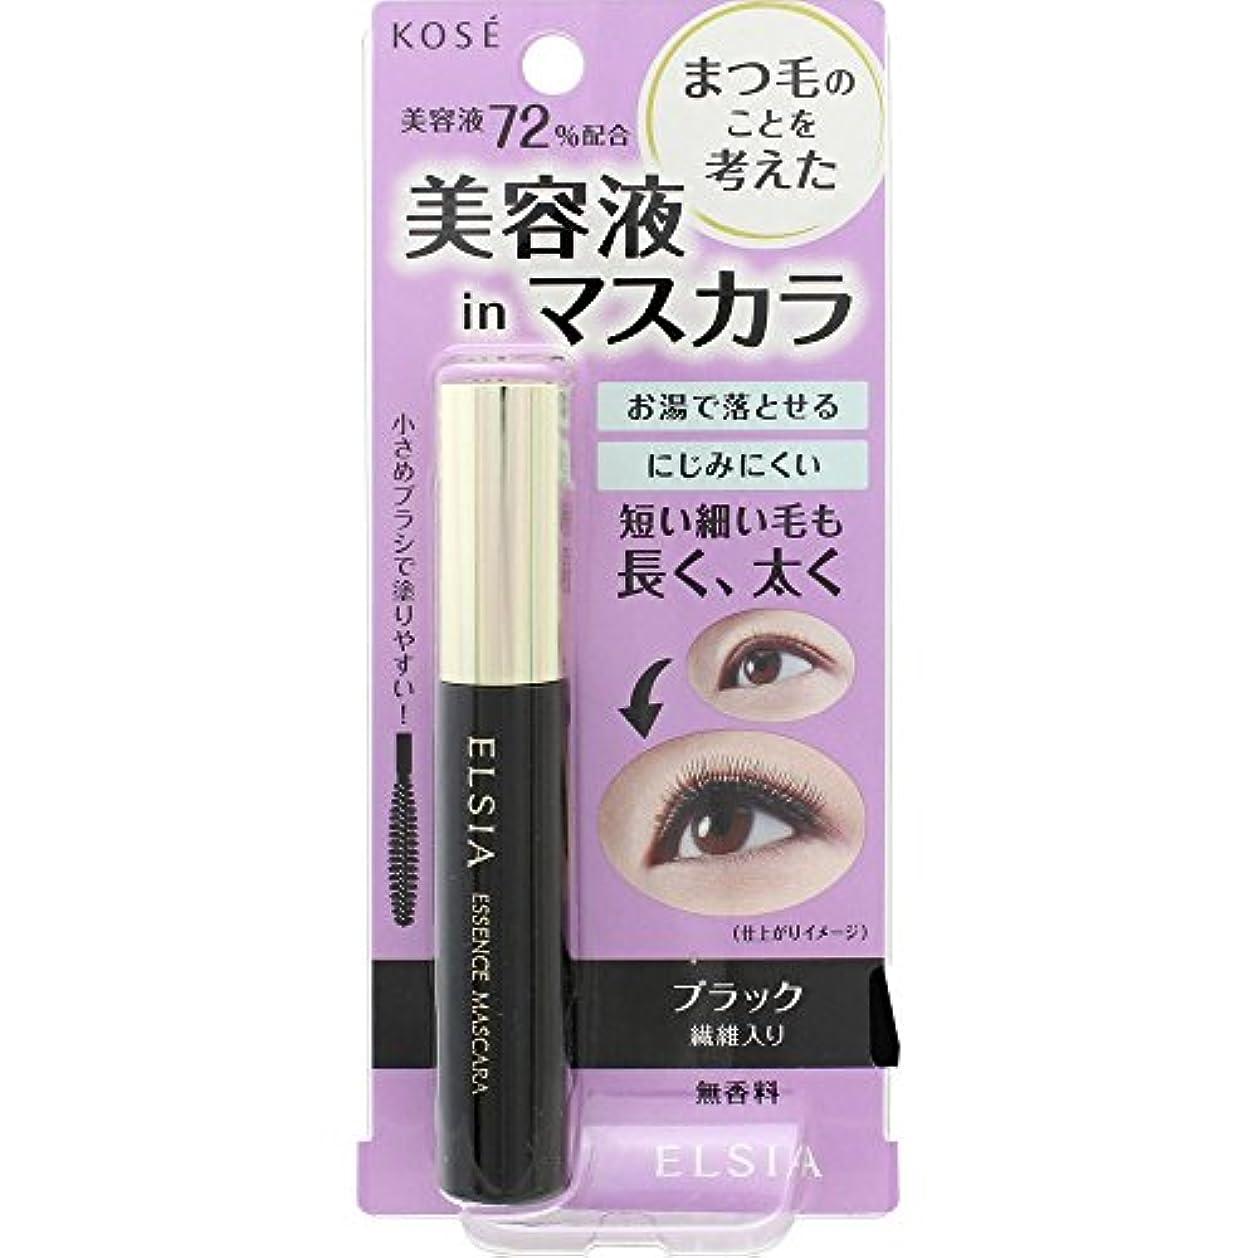 ペイン豊富に認証エルシア プラチナム 美容液マスカラ ブラック 6.5g